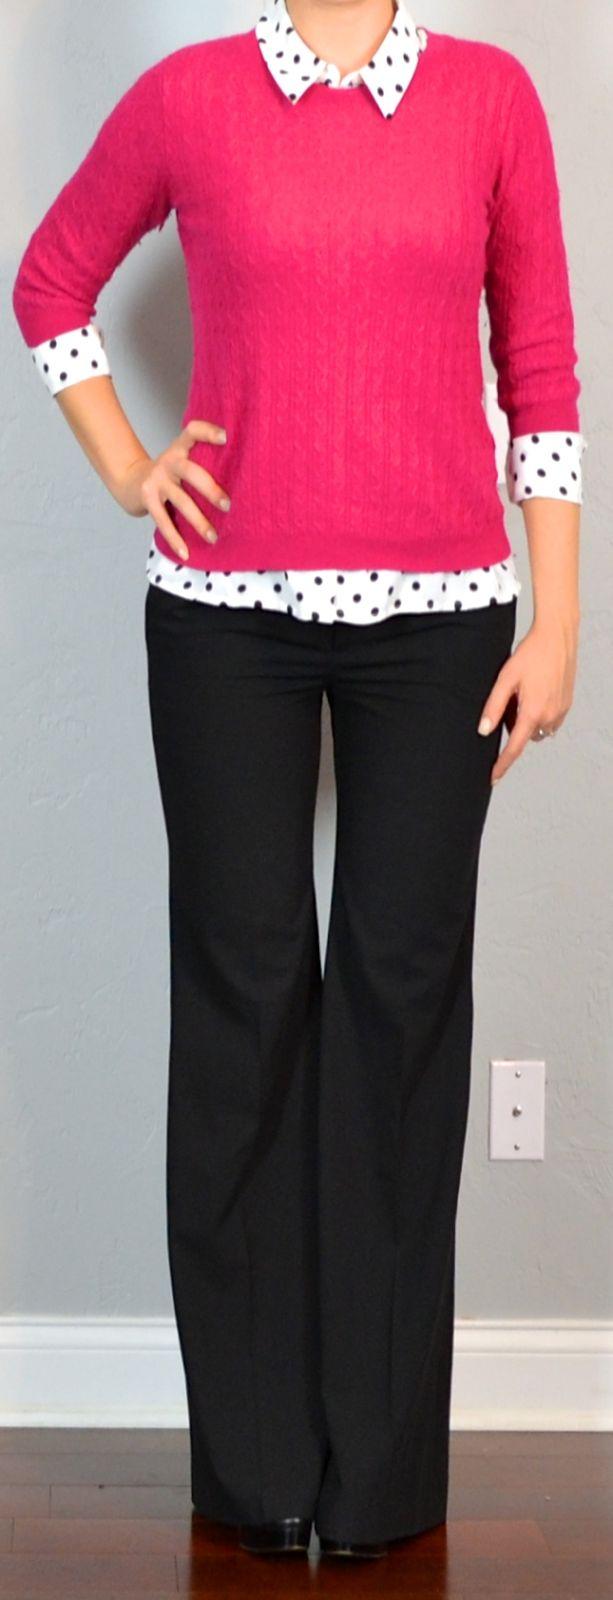 Pink Capri Pants Matching Belt Braided Adjustable by LandofBridget ...